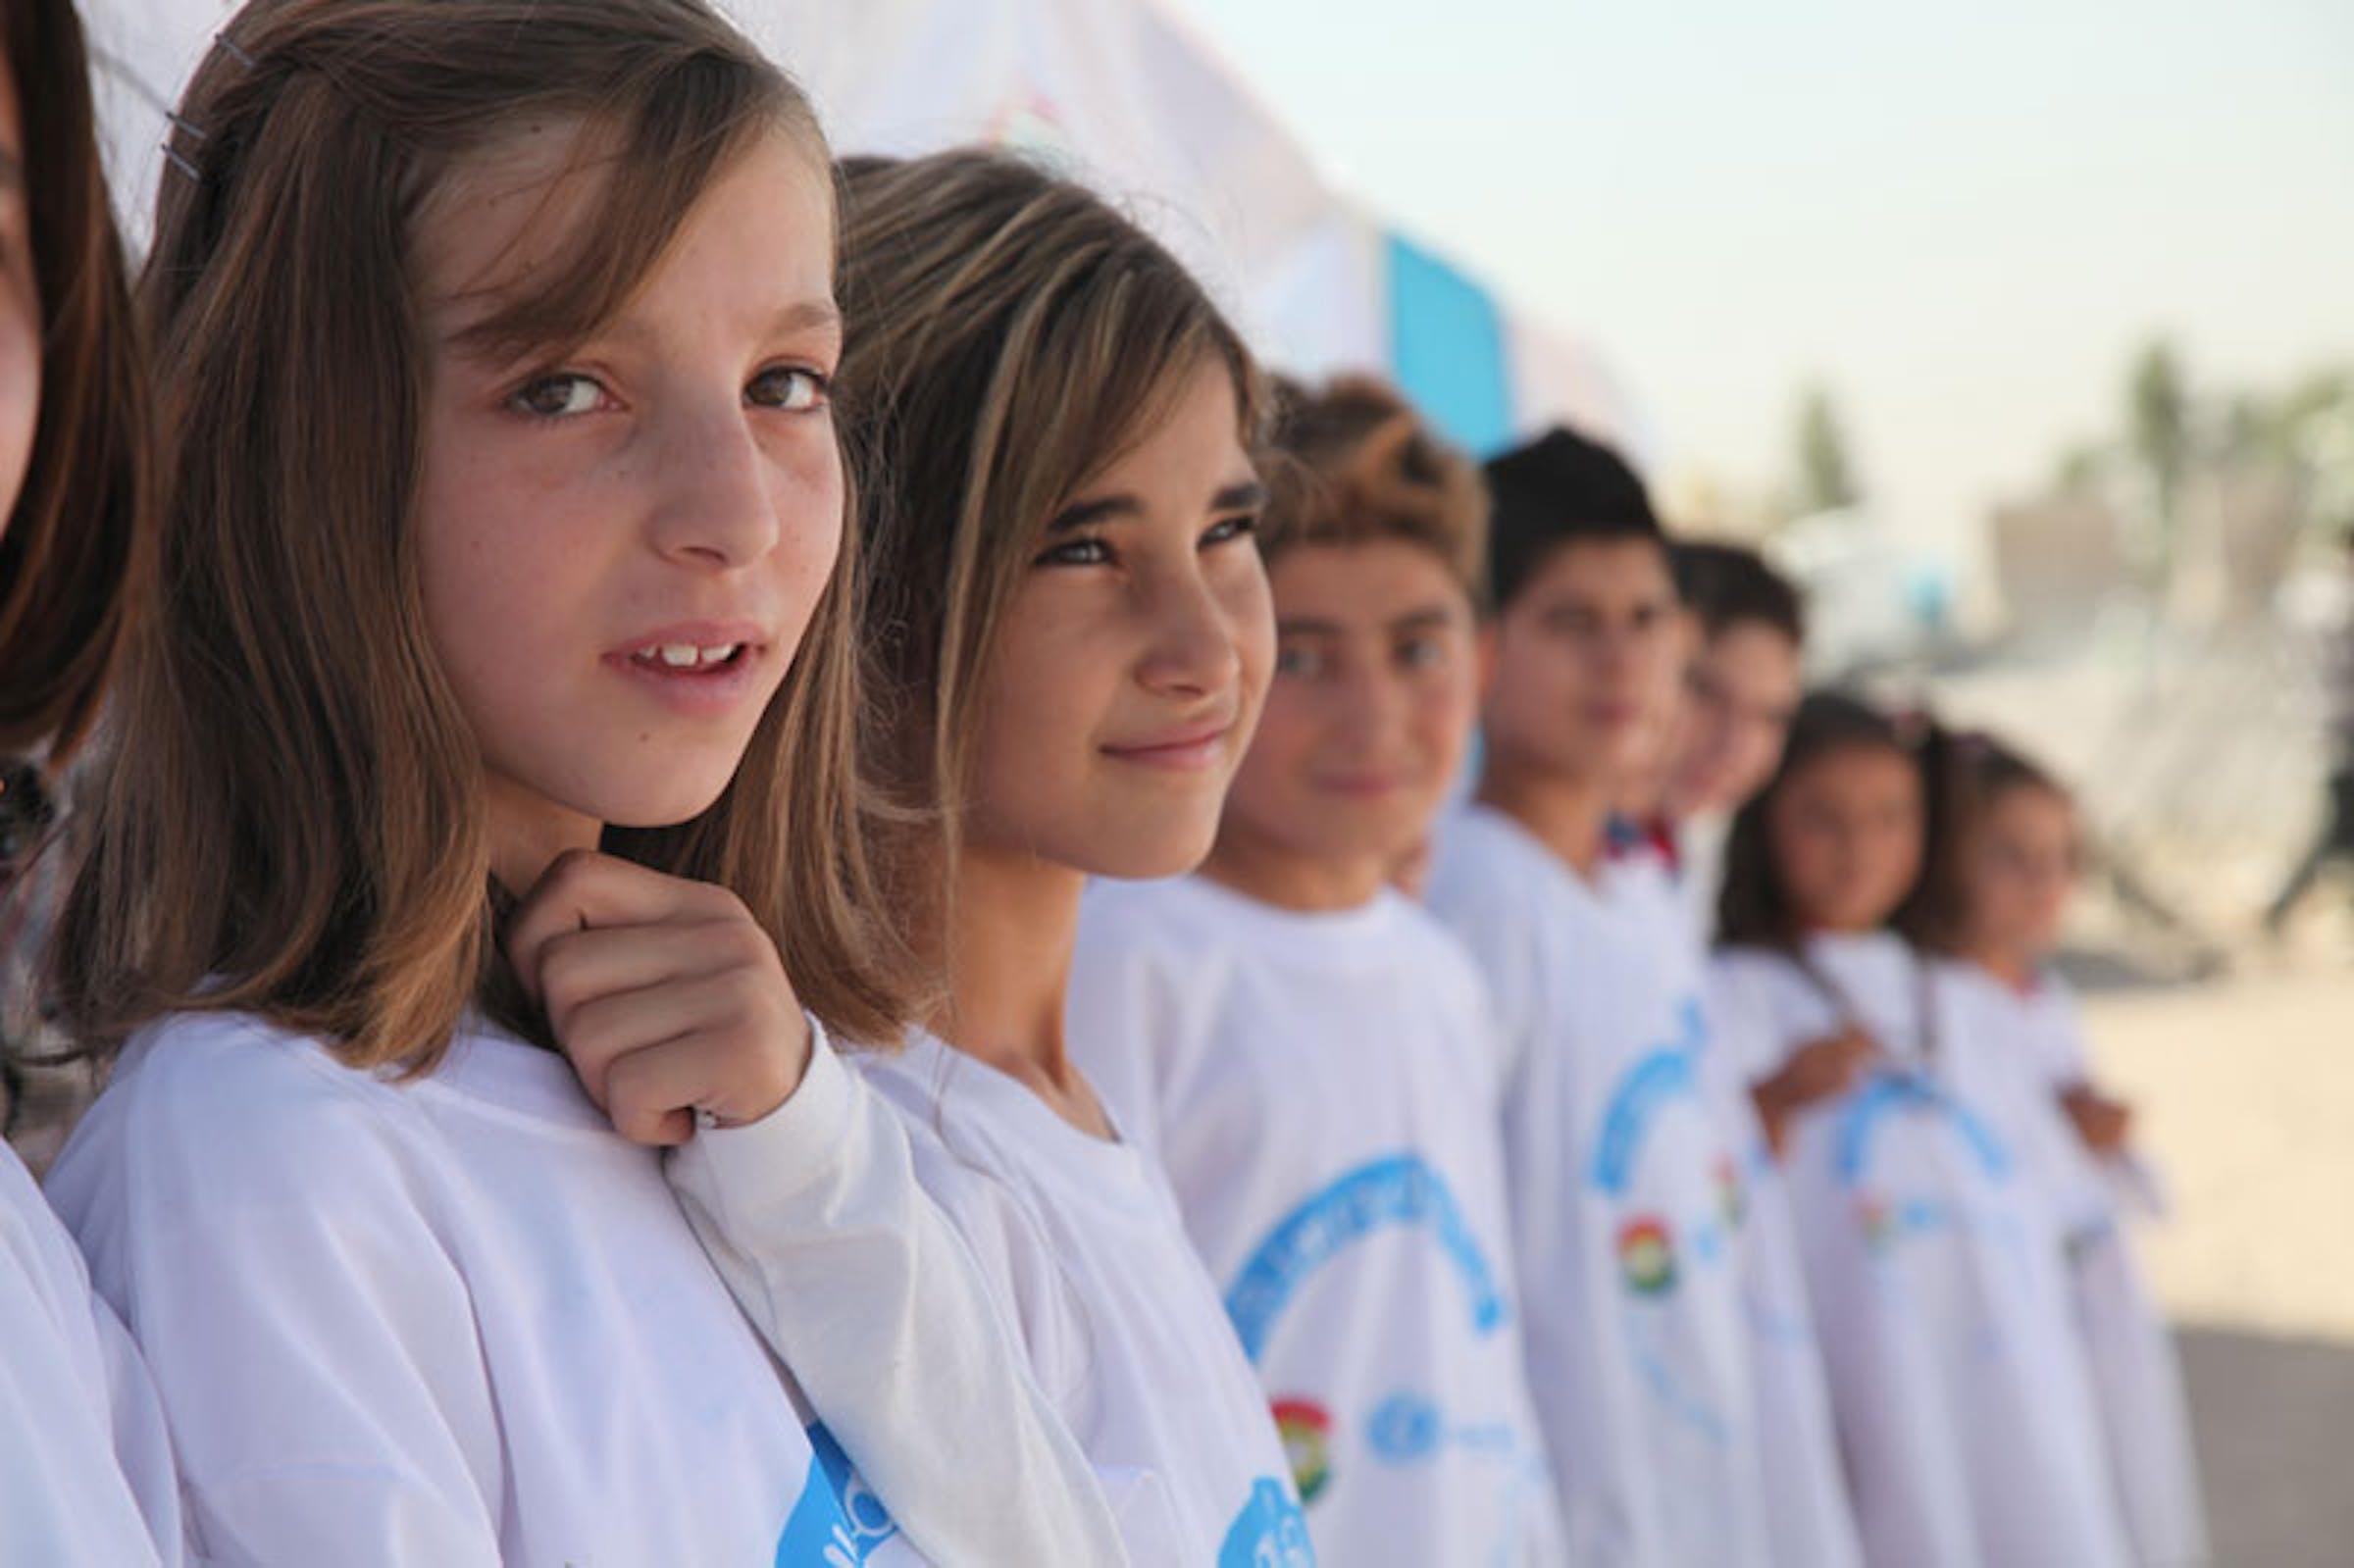 Alunne siriane alla cerimonia di inaugurazione dell'anno scolastico nel campo profughi di Baherka, nei pressi di Erbil (Iraq), settembre 2013 - ©UNICEF Iraq/2013/Chris Niles